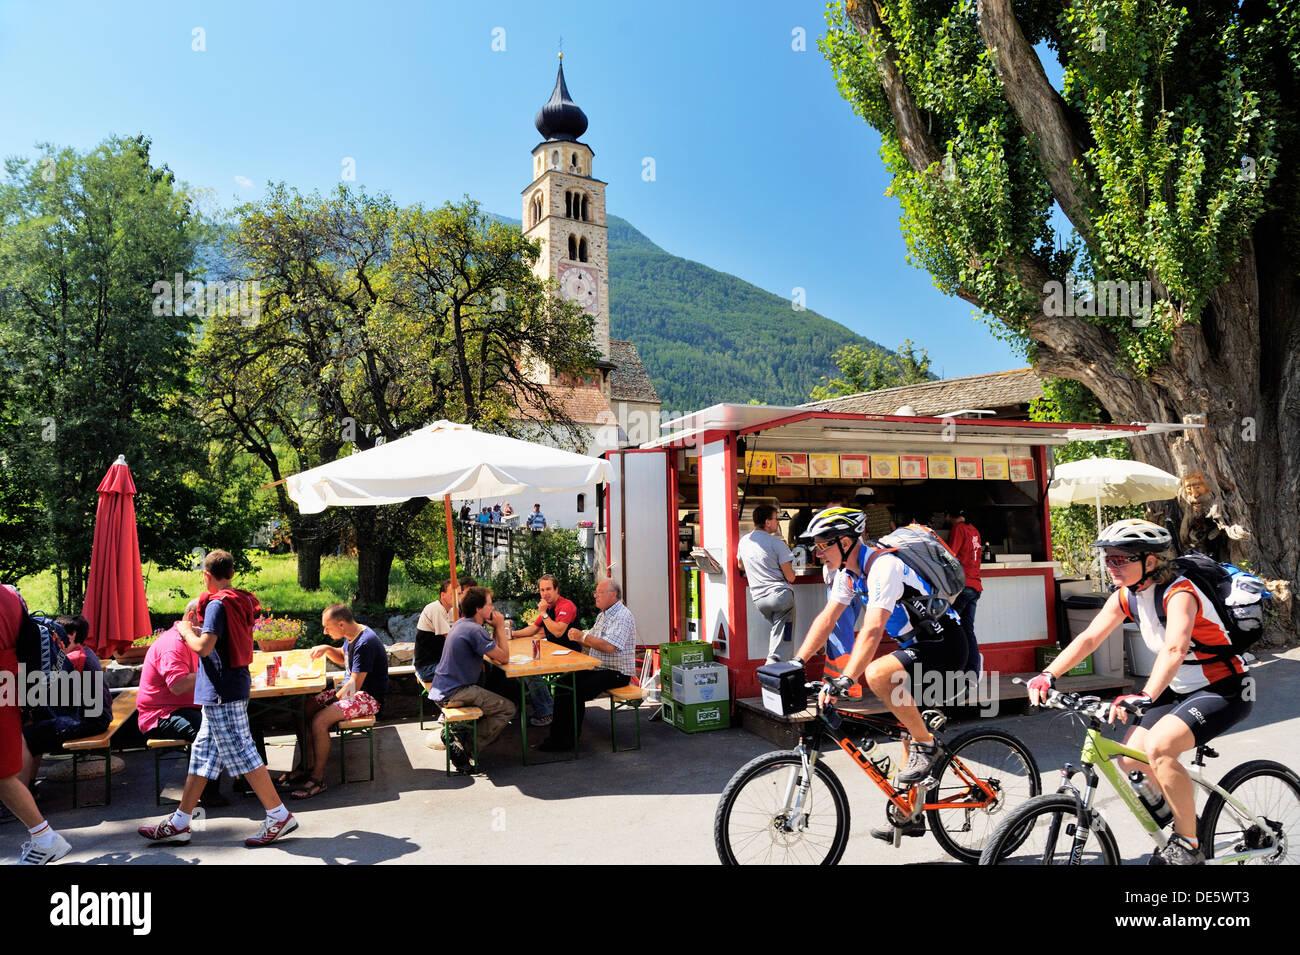 Radfahrer außerhalb der mittelalterlichen Mauern umgebene Stadt der Stadt Glurns in Val Venosta, italienischen Stockbild